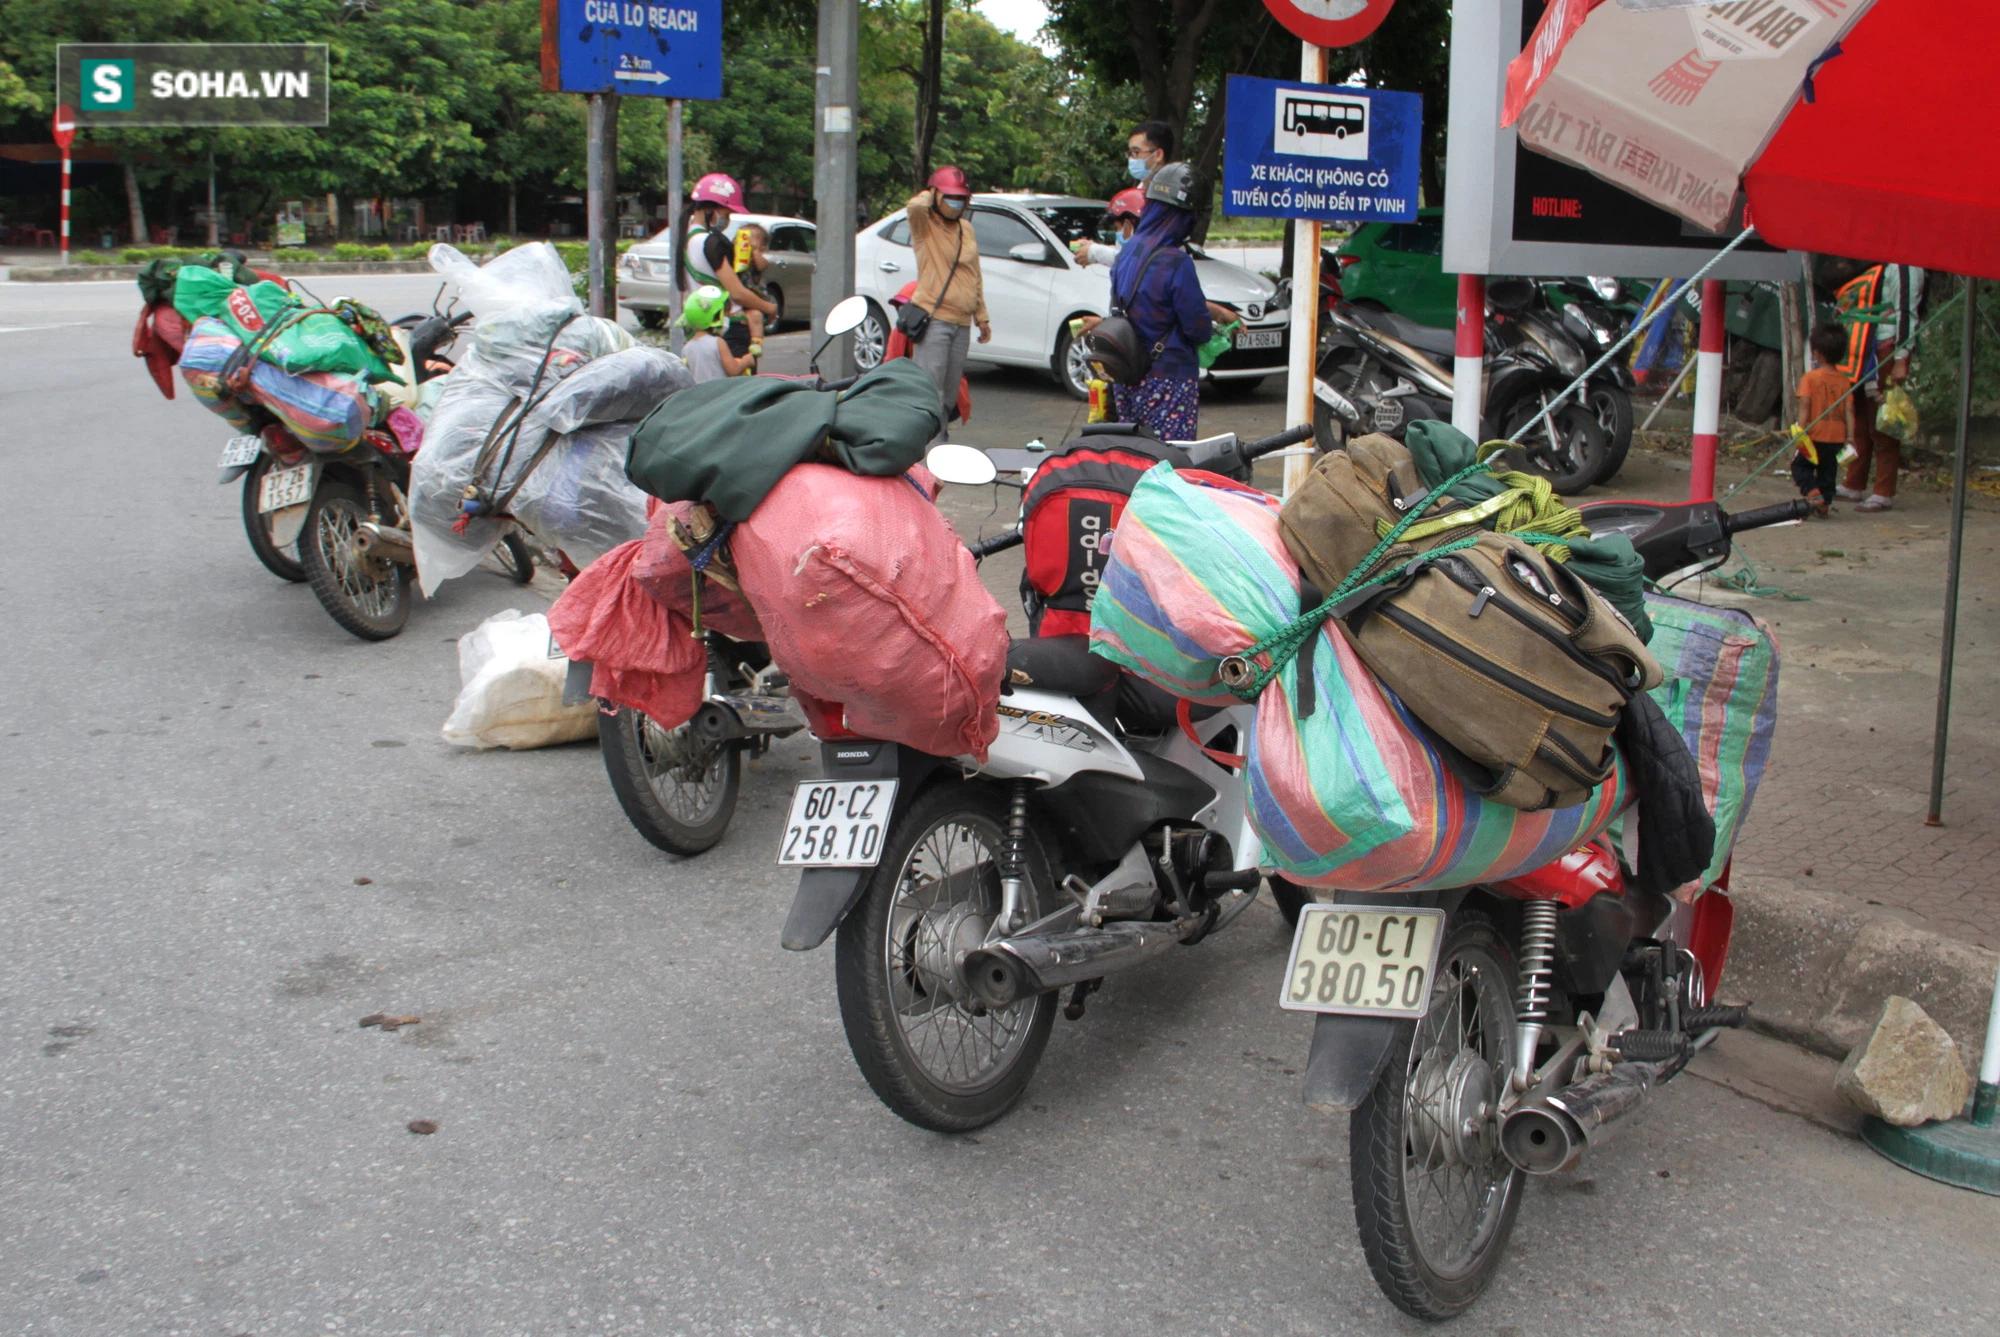 Chạy xe máy 4 ngày đêm từ miền Nam về quê trốn dịch: Lương cao nhưng dịch sợ quá nên em đưa vợ con về - Ảnh 2.